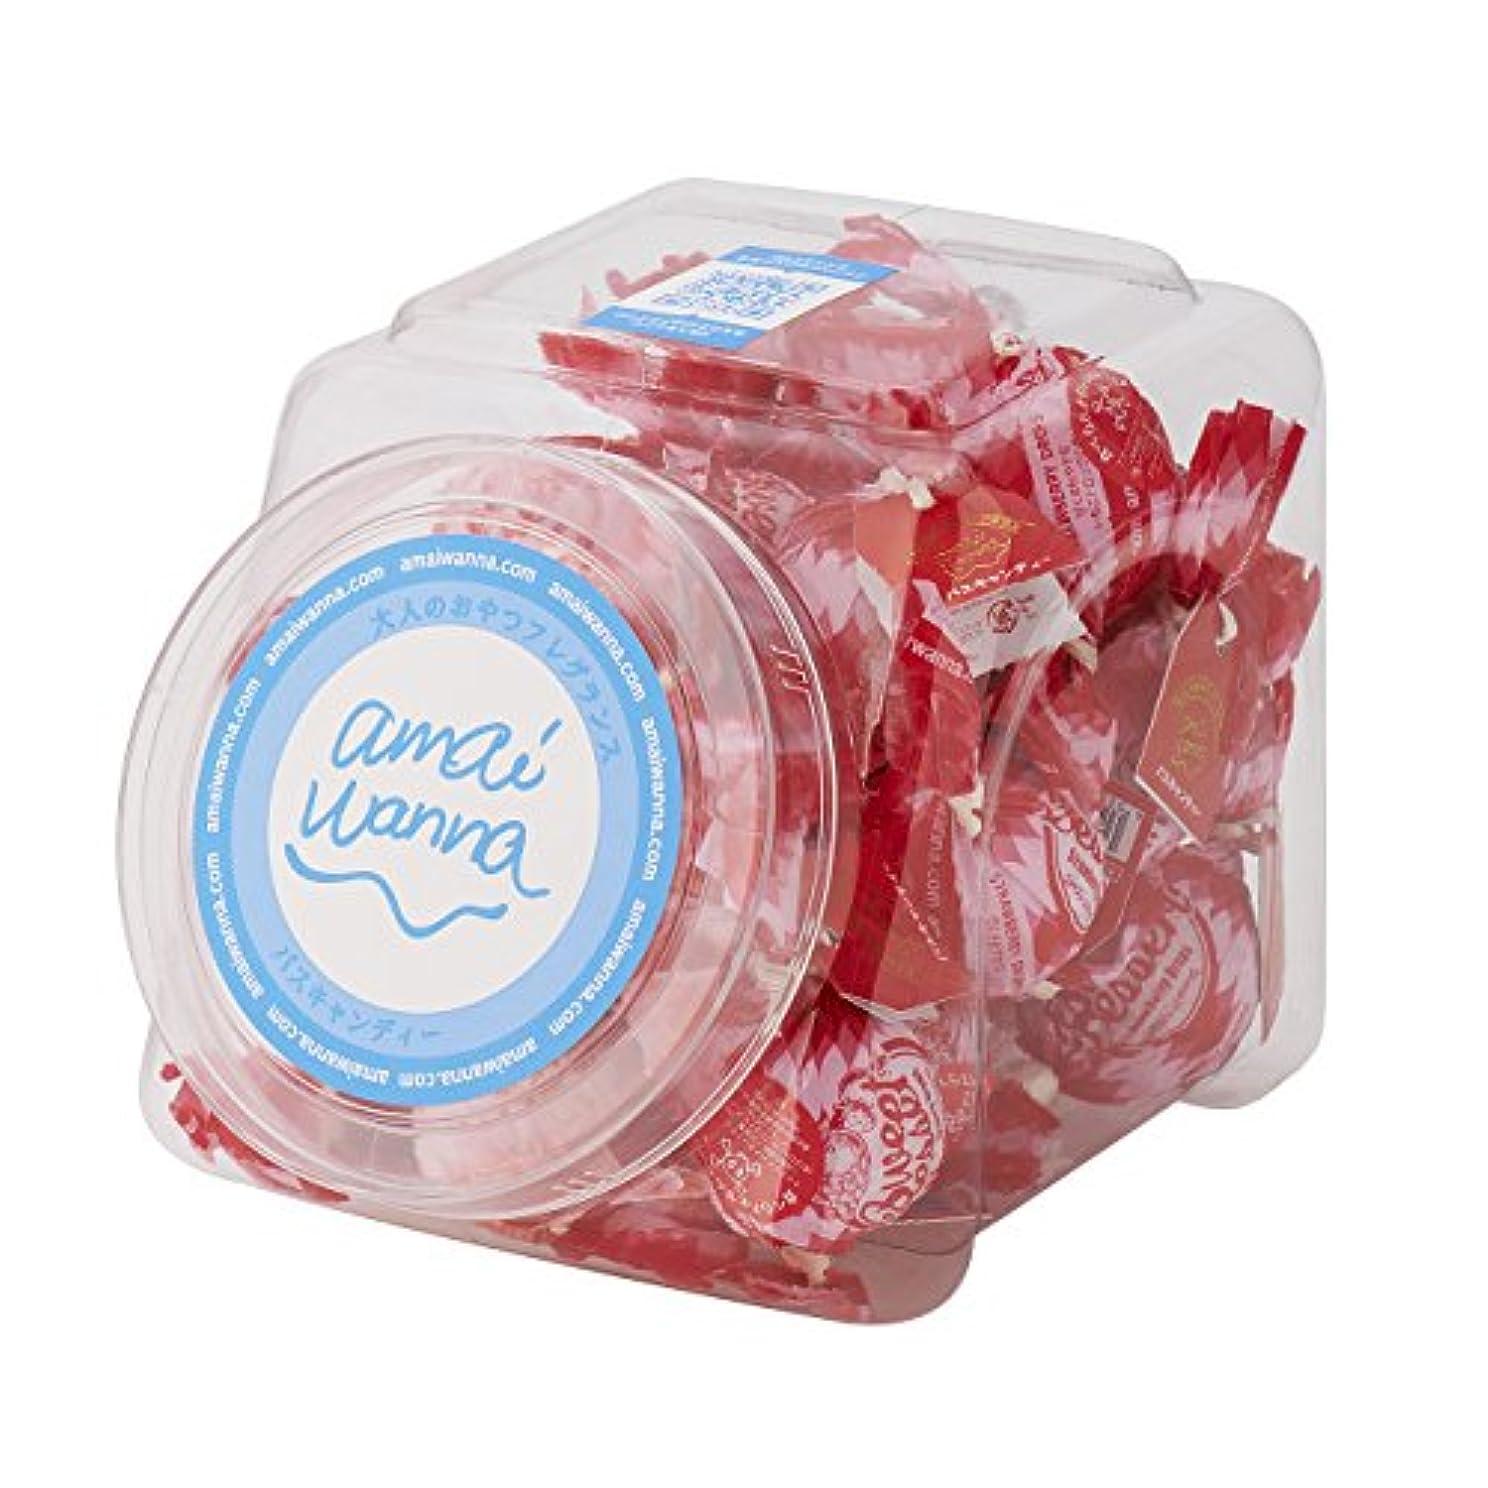 熟す必須好色なアマイワナ バスキャンディーポットセット いちごドロップ 35g×24コ(発泡タイプ入浴料 甘くさわやかないちごドロップの香り)